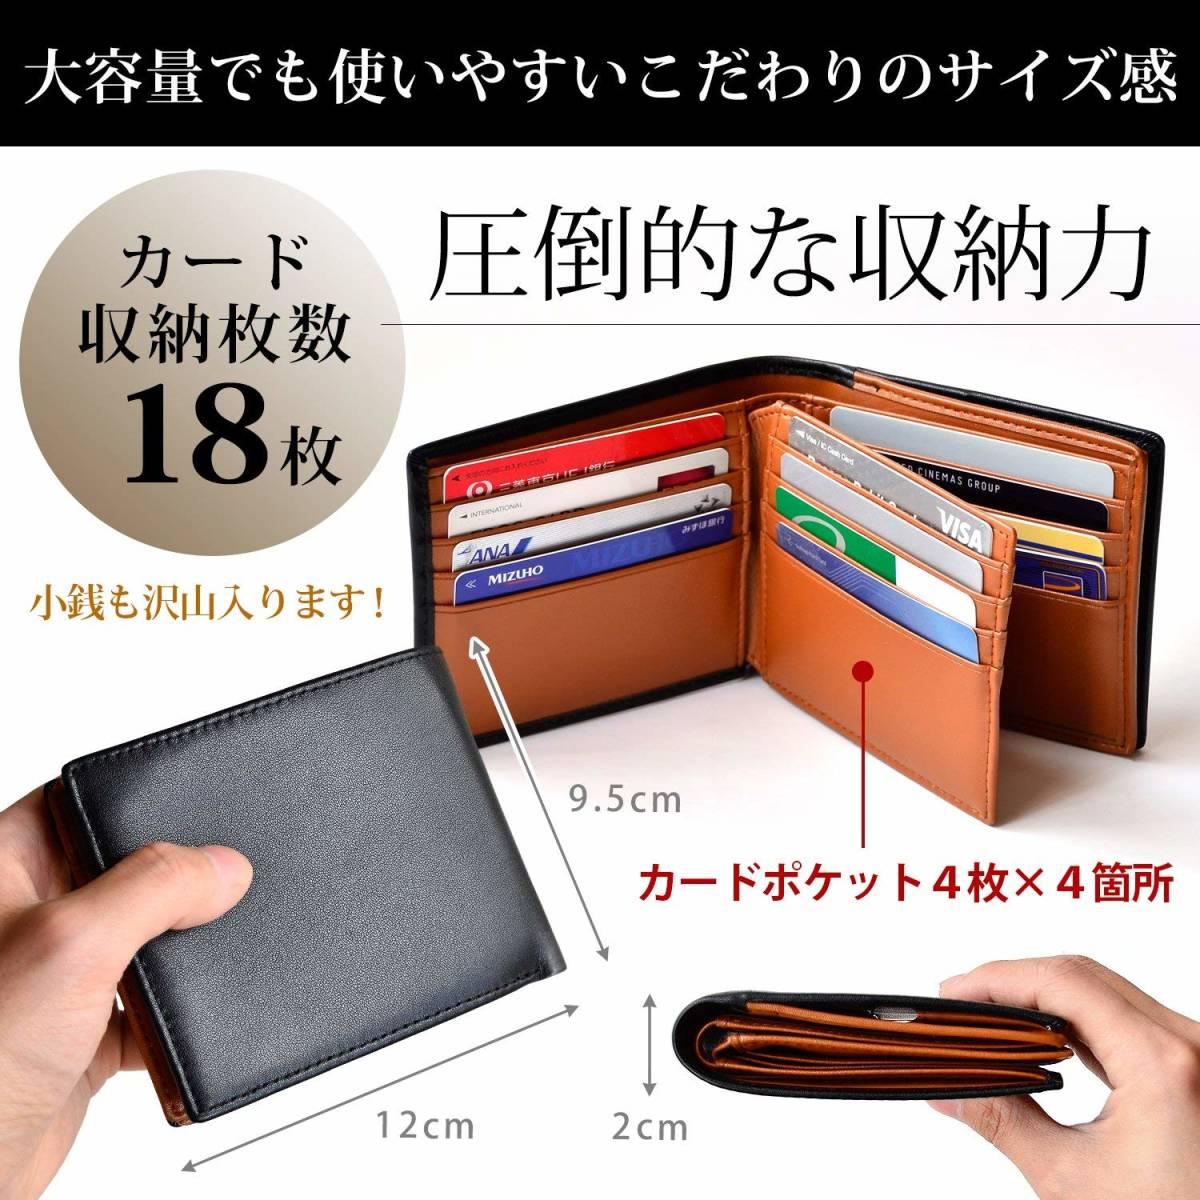 【送料無料】 [Le sourire] 二つ折り 財布 カード18枚収納 ボックス型小銭入れ 本革 メンズ ブラック ブラウン 黒 茶色_画像2